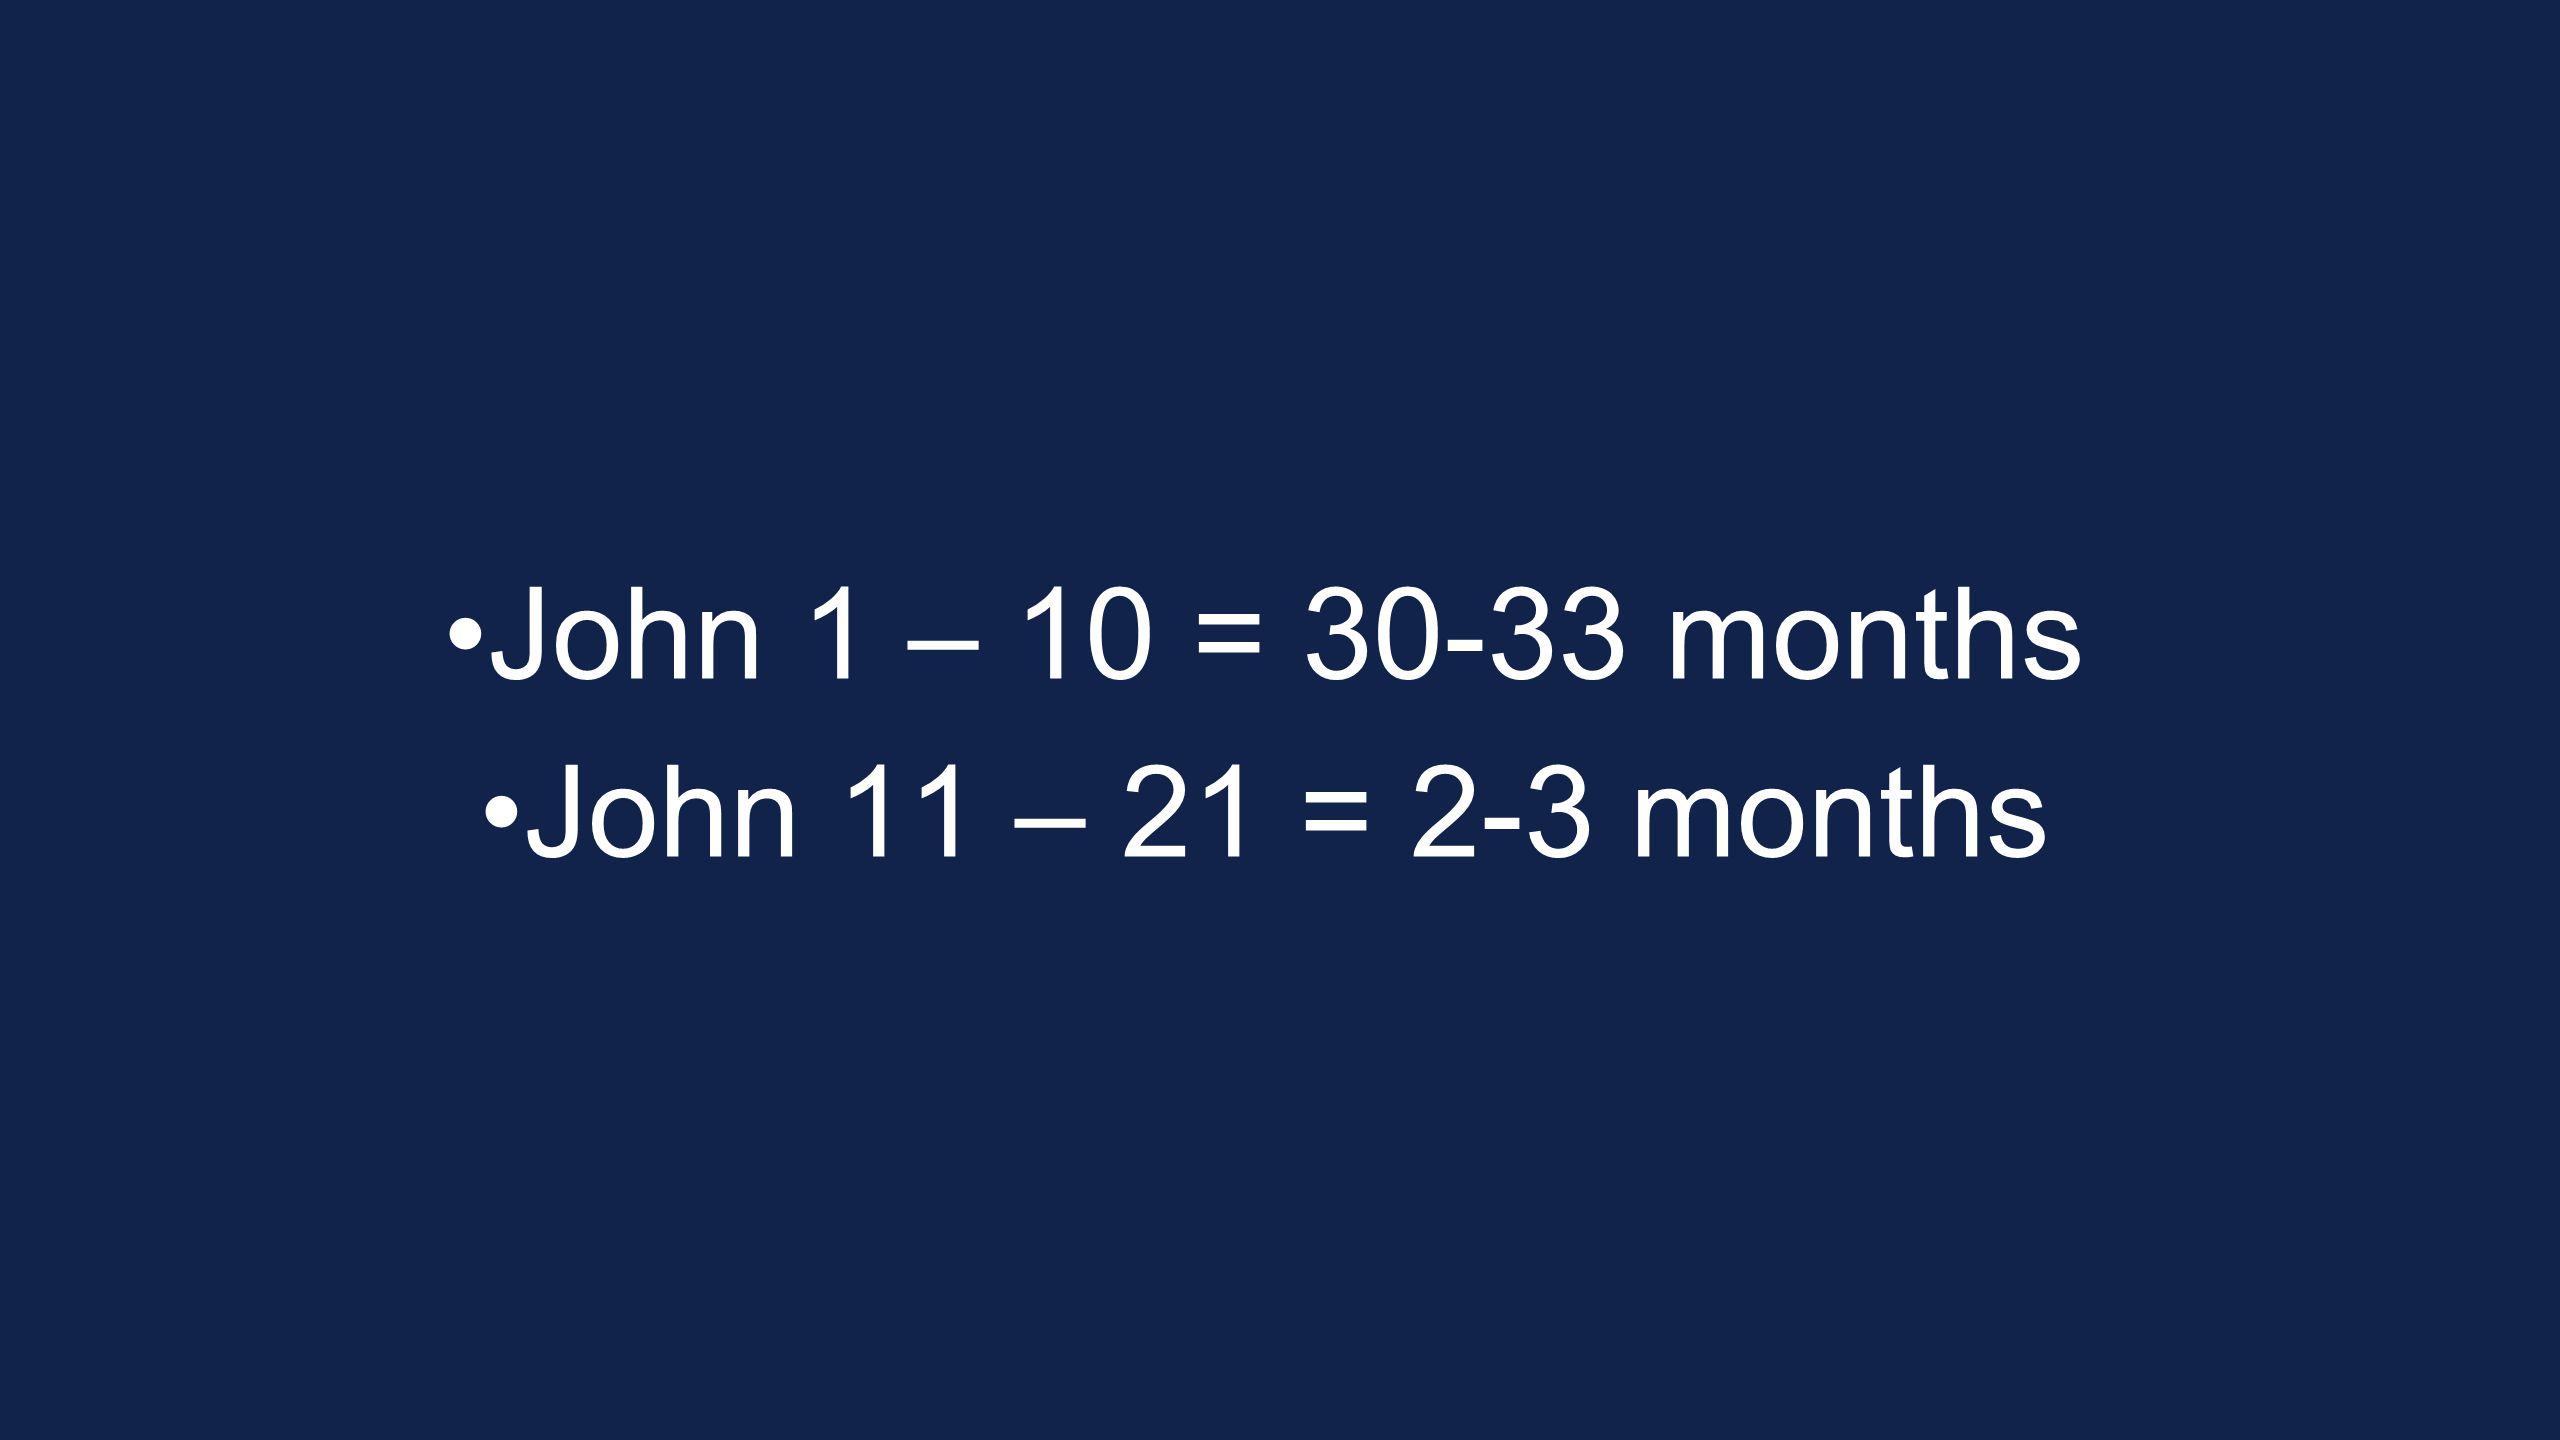 John 1 – 10 = 30-33 months John 11 – 21 = 2-3 months